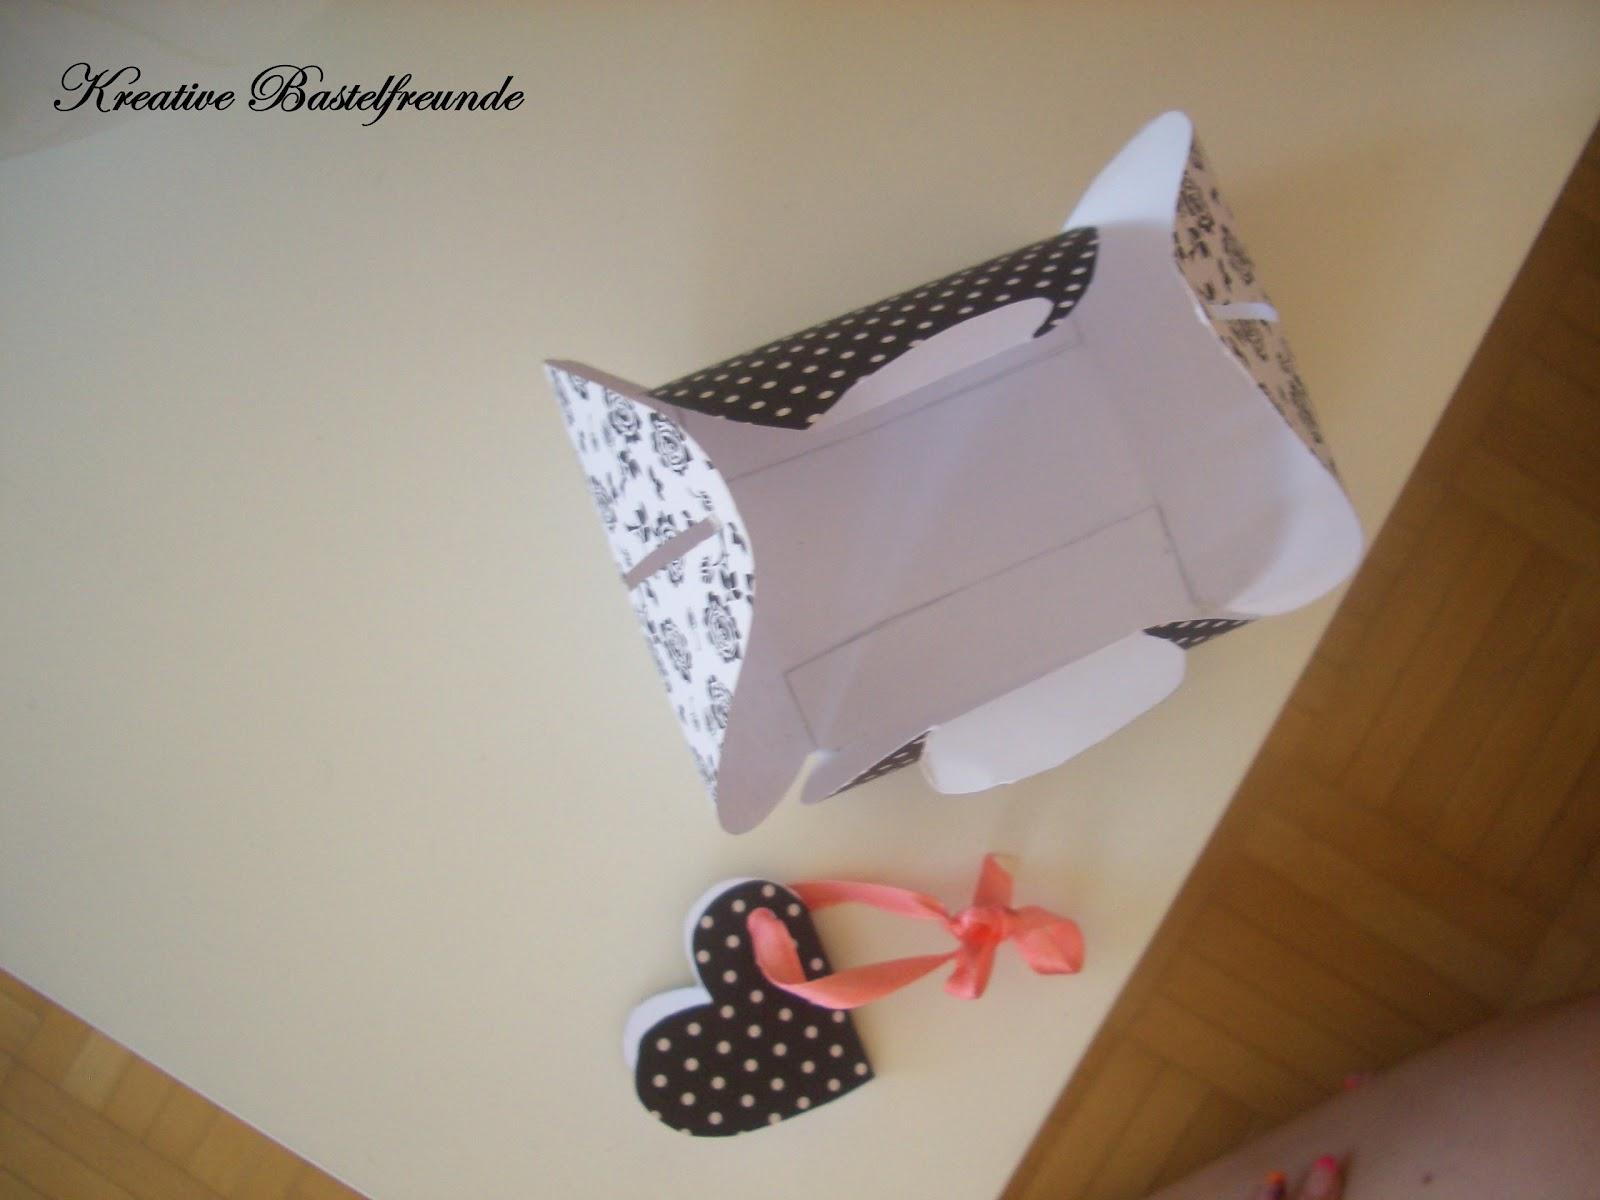 kreative bastelfreunde geschenkverpackung. Black Bedroom Furniture Sets. Home Design Ideas